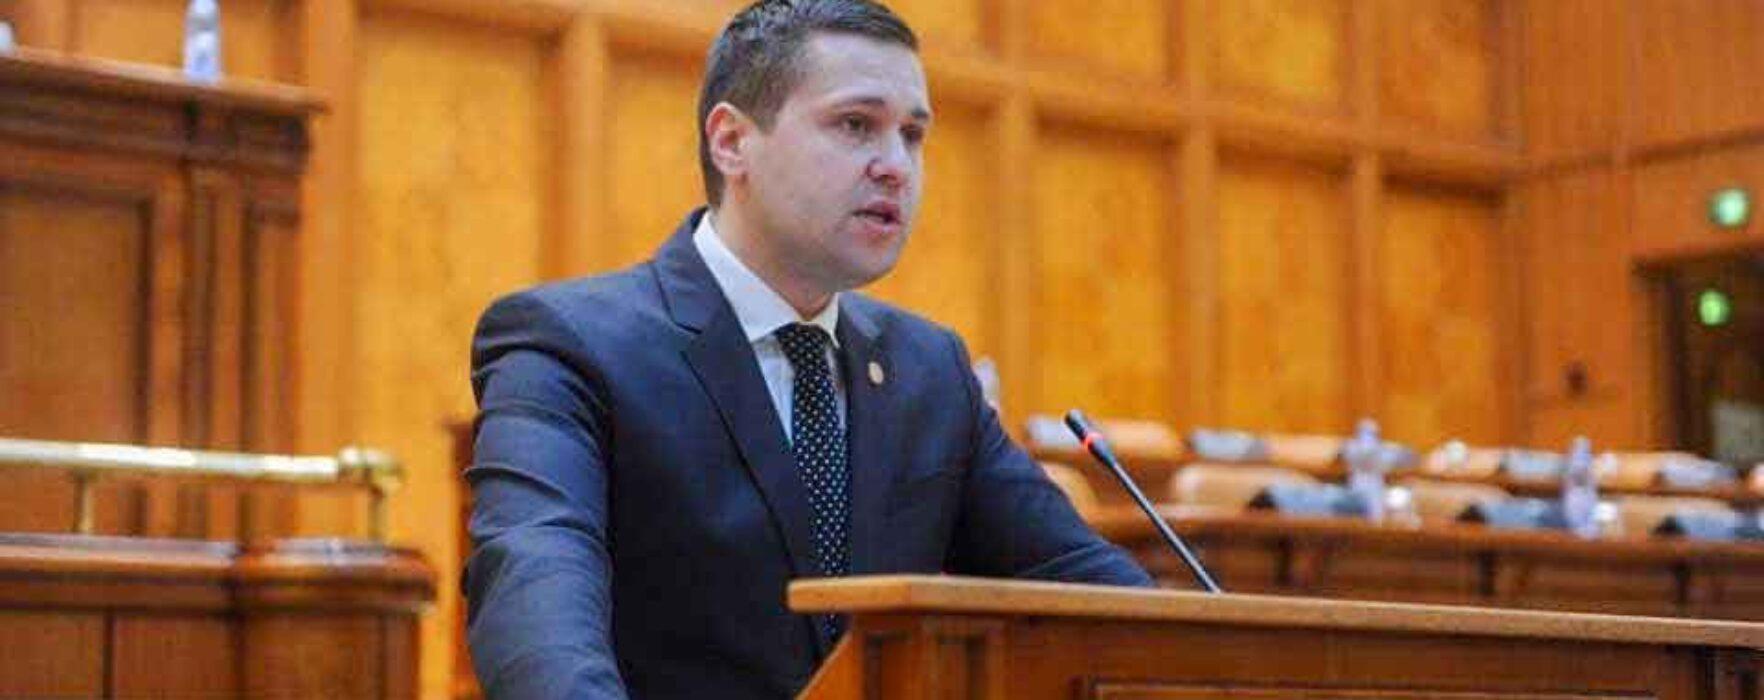 Corneliu Ştefan încheie mandatul de deputat şi va prelua şefia CJ Dâmboviţa